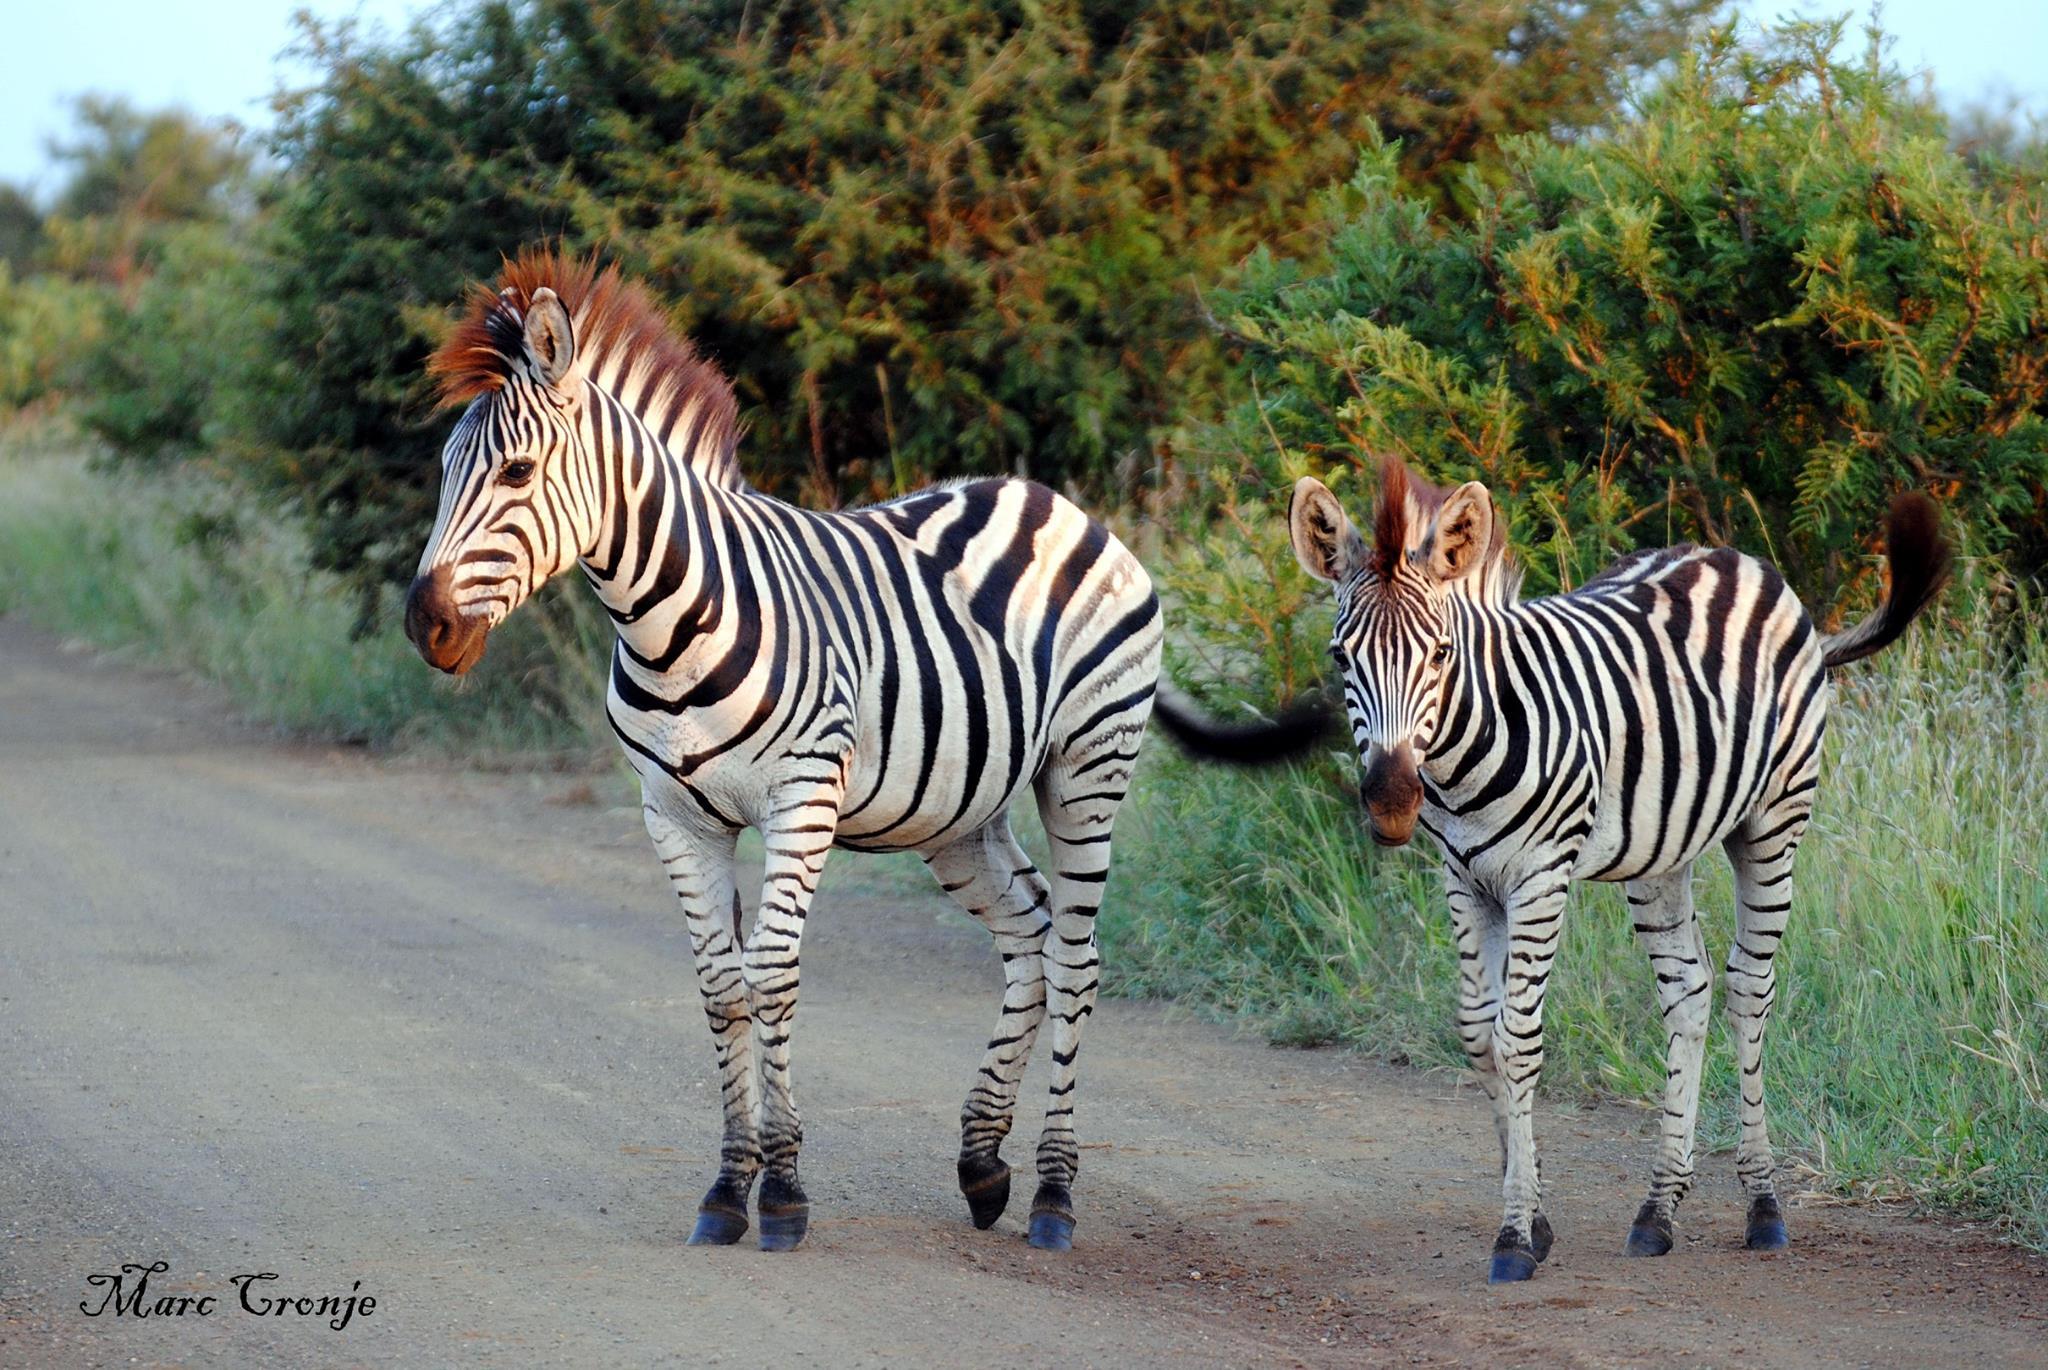 Wildlife Guide: Zebra